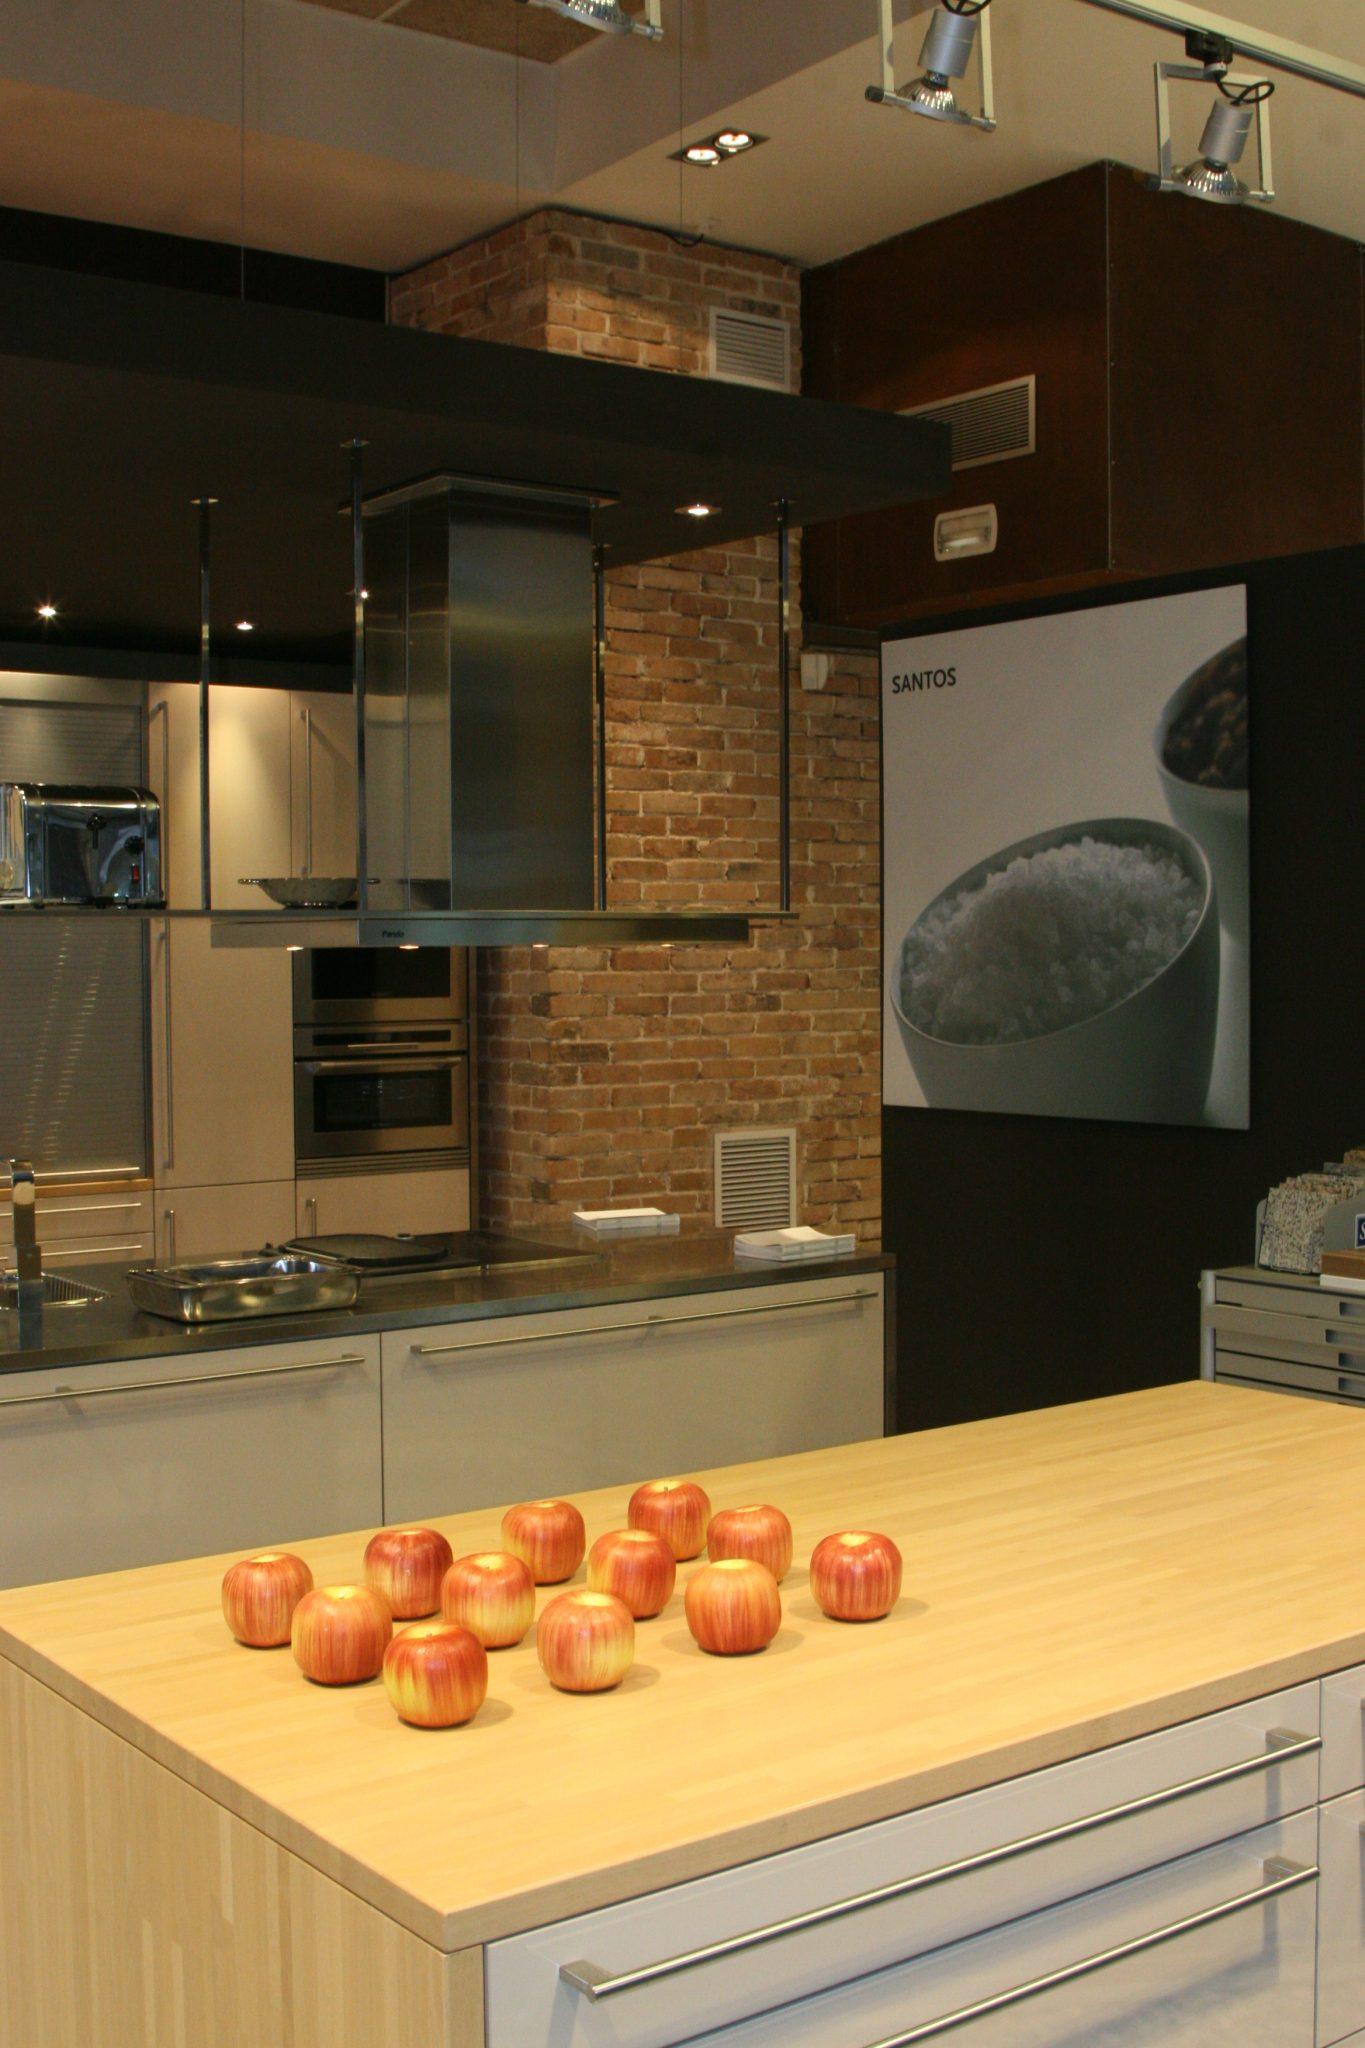 Muebles de cocina zaragoza muebles de cocina zaragoza for Milanuncios muebles las palmas